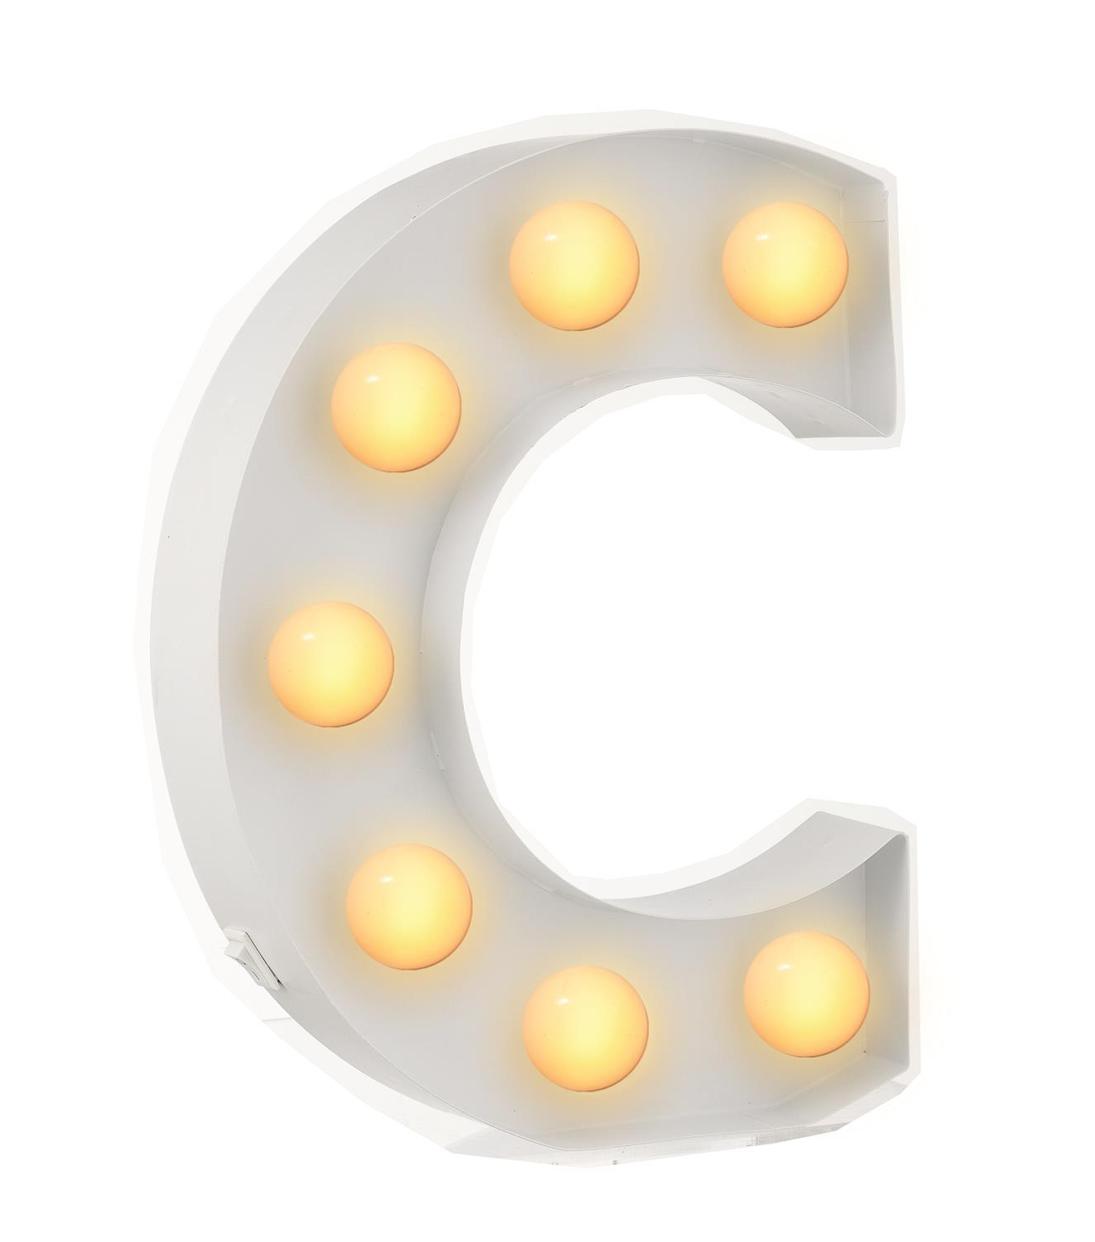 C מנורת אותיות - תאורה